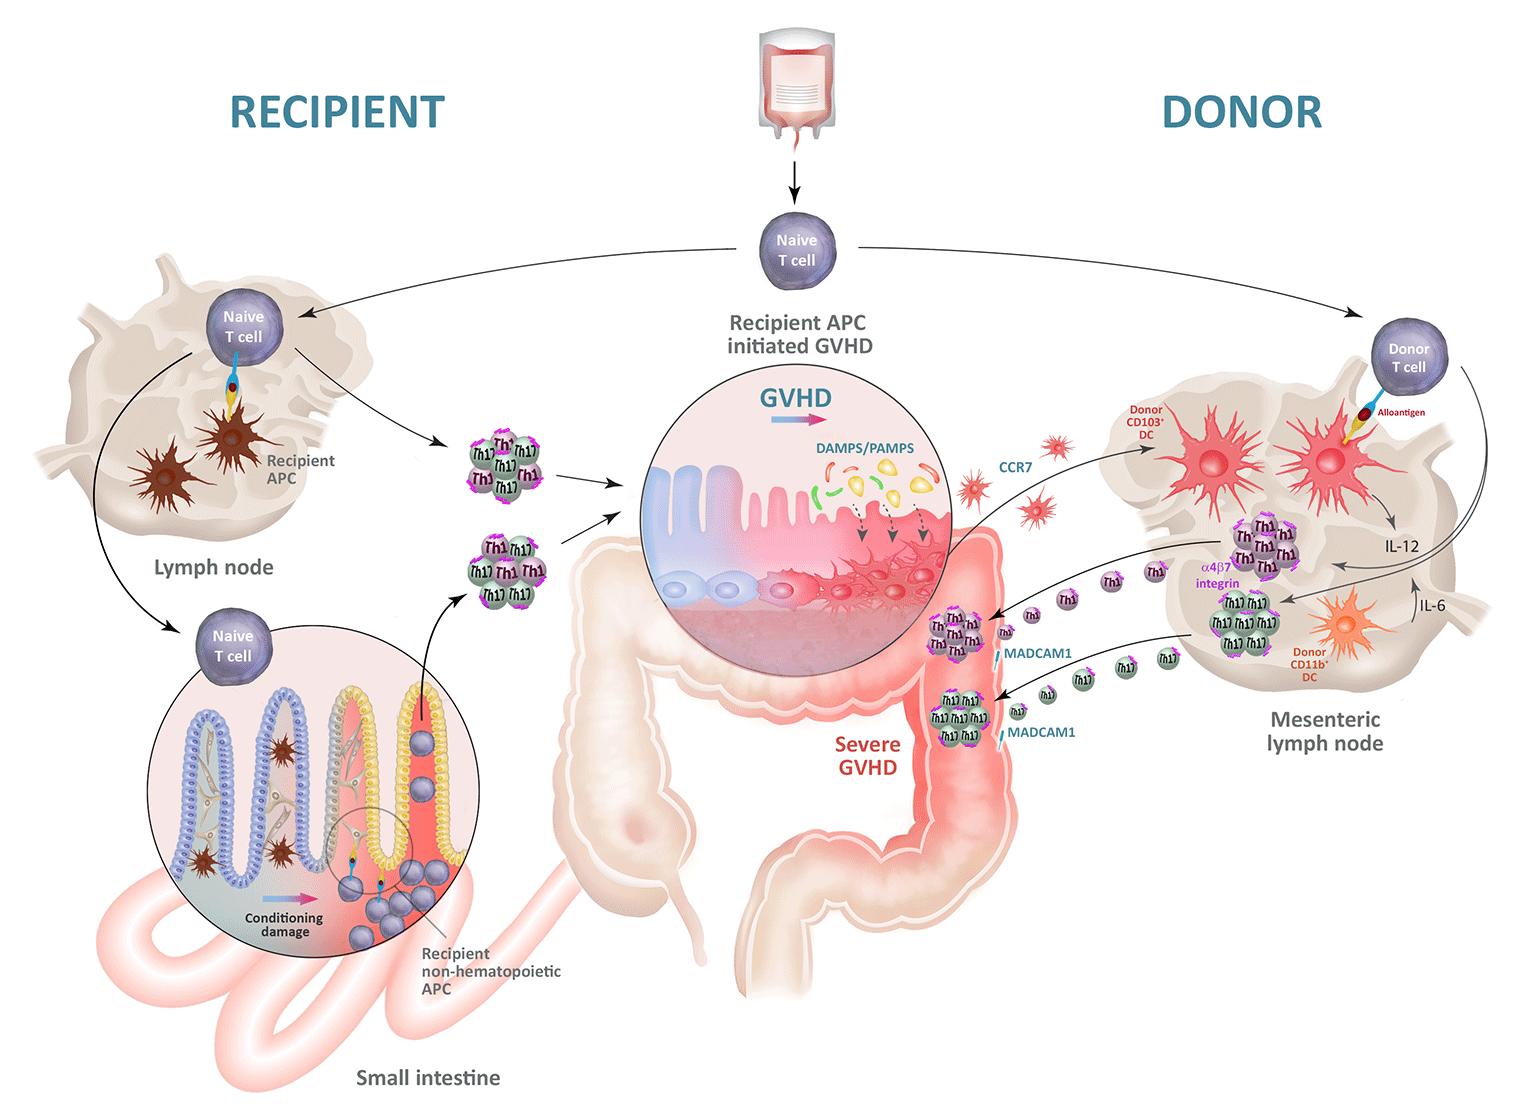 図 アロ抗原提示によるGVHD発症と病態の進行